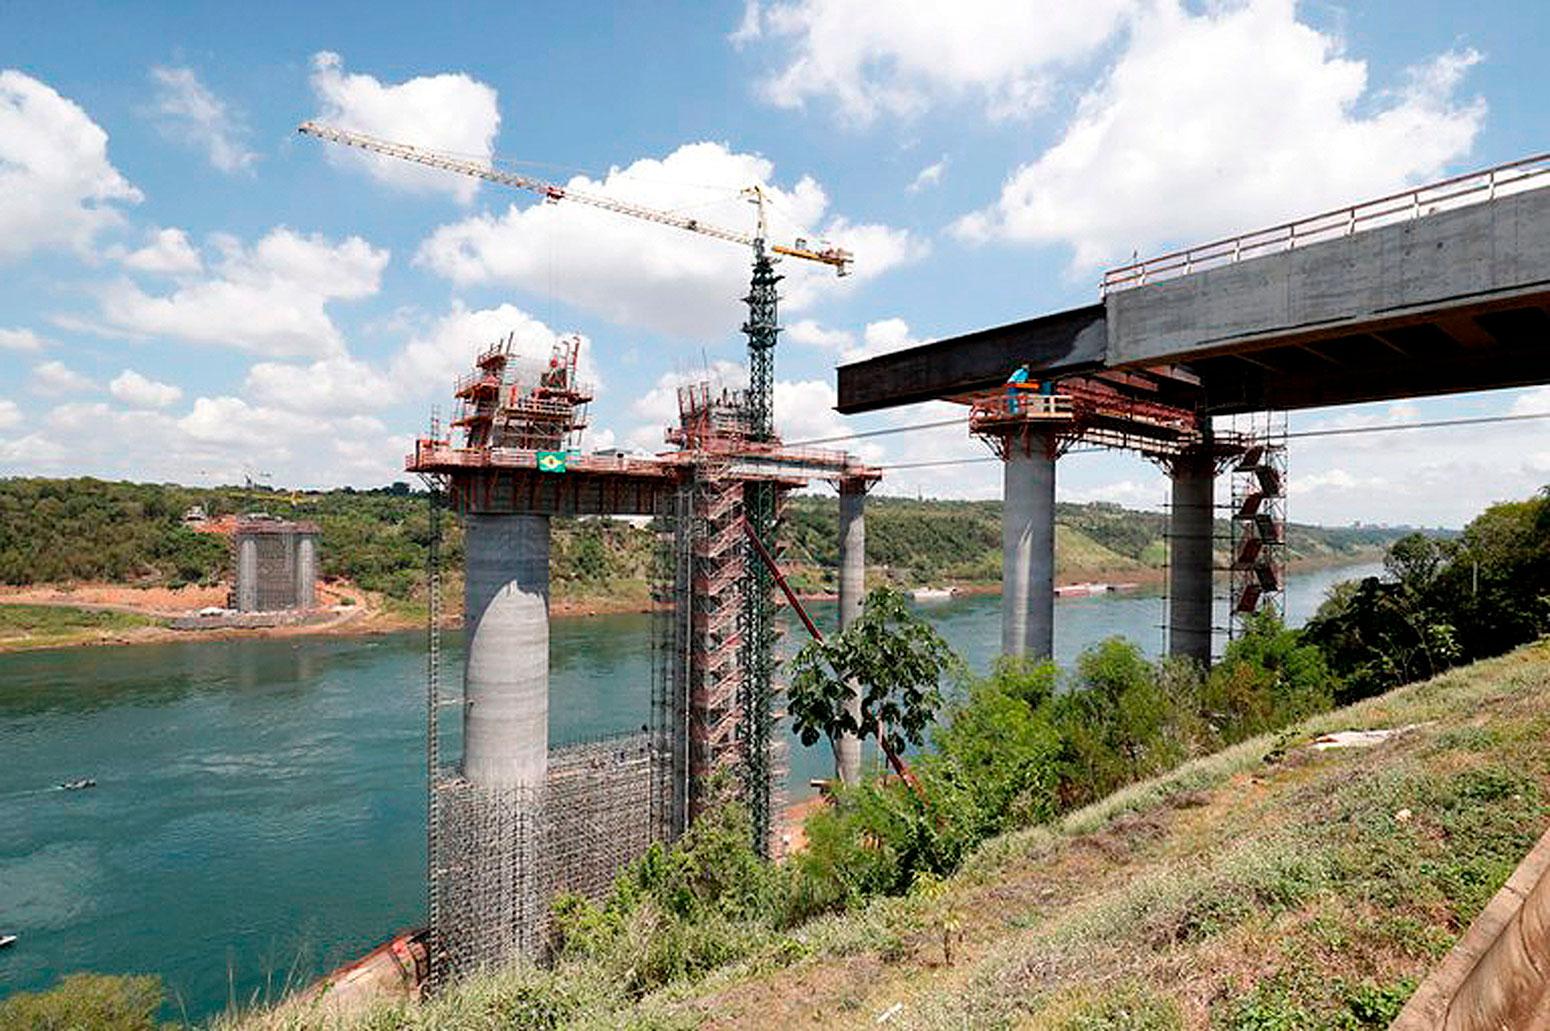 Nova ponte Brasil-Paraguai está com 45% das obras executadas do lado brasileiro, em Foz do Iguaçu Crédito: Alan Santos/PR